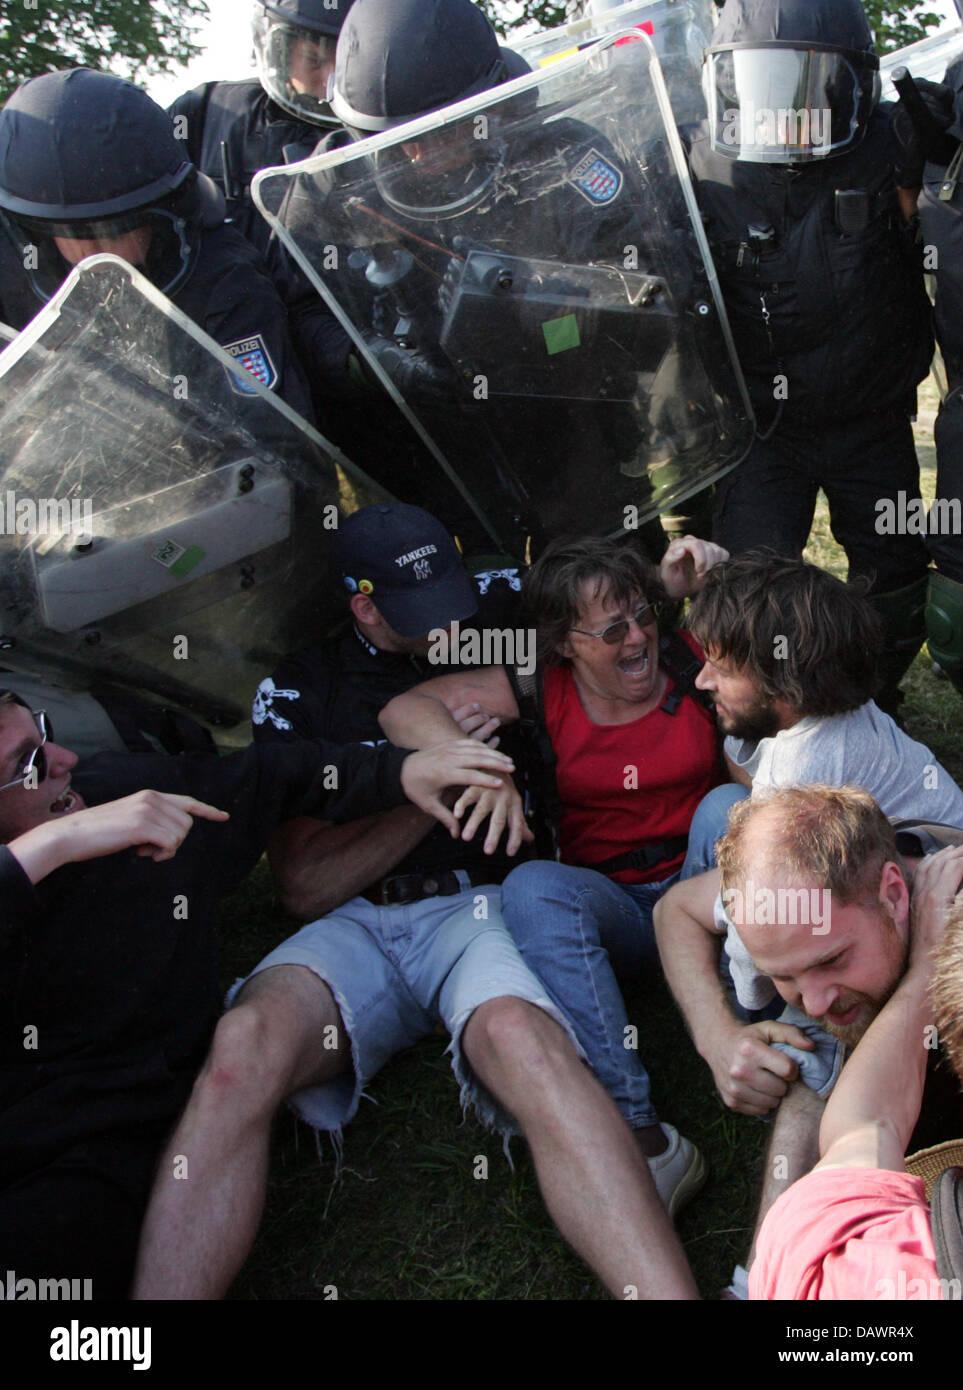 Polizei verhaftet heftig G8-Demonstranten in der Nähe von Hinter Bollhagen, Deutschland, 7. Juni 2007. Foto: Stockbild